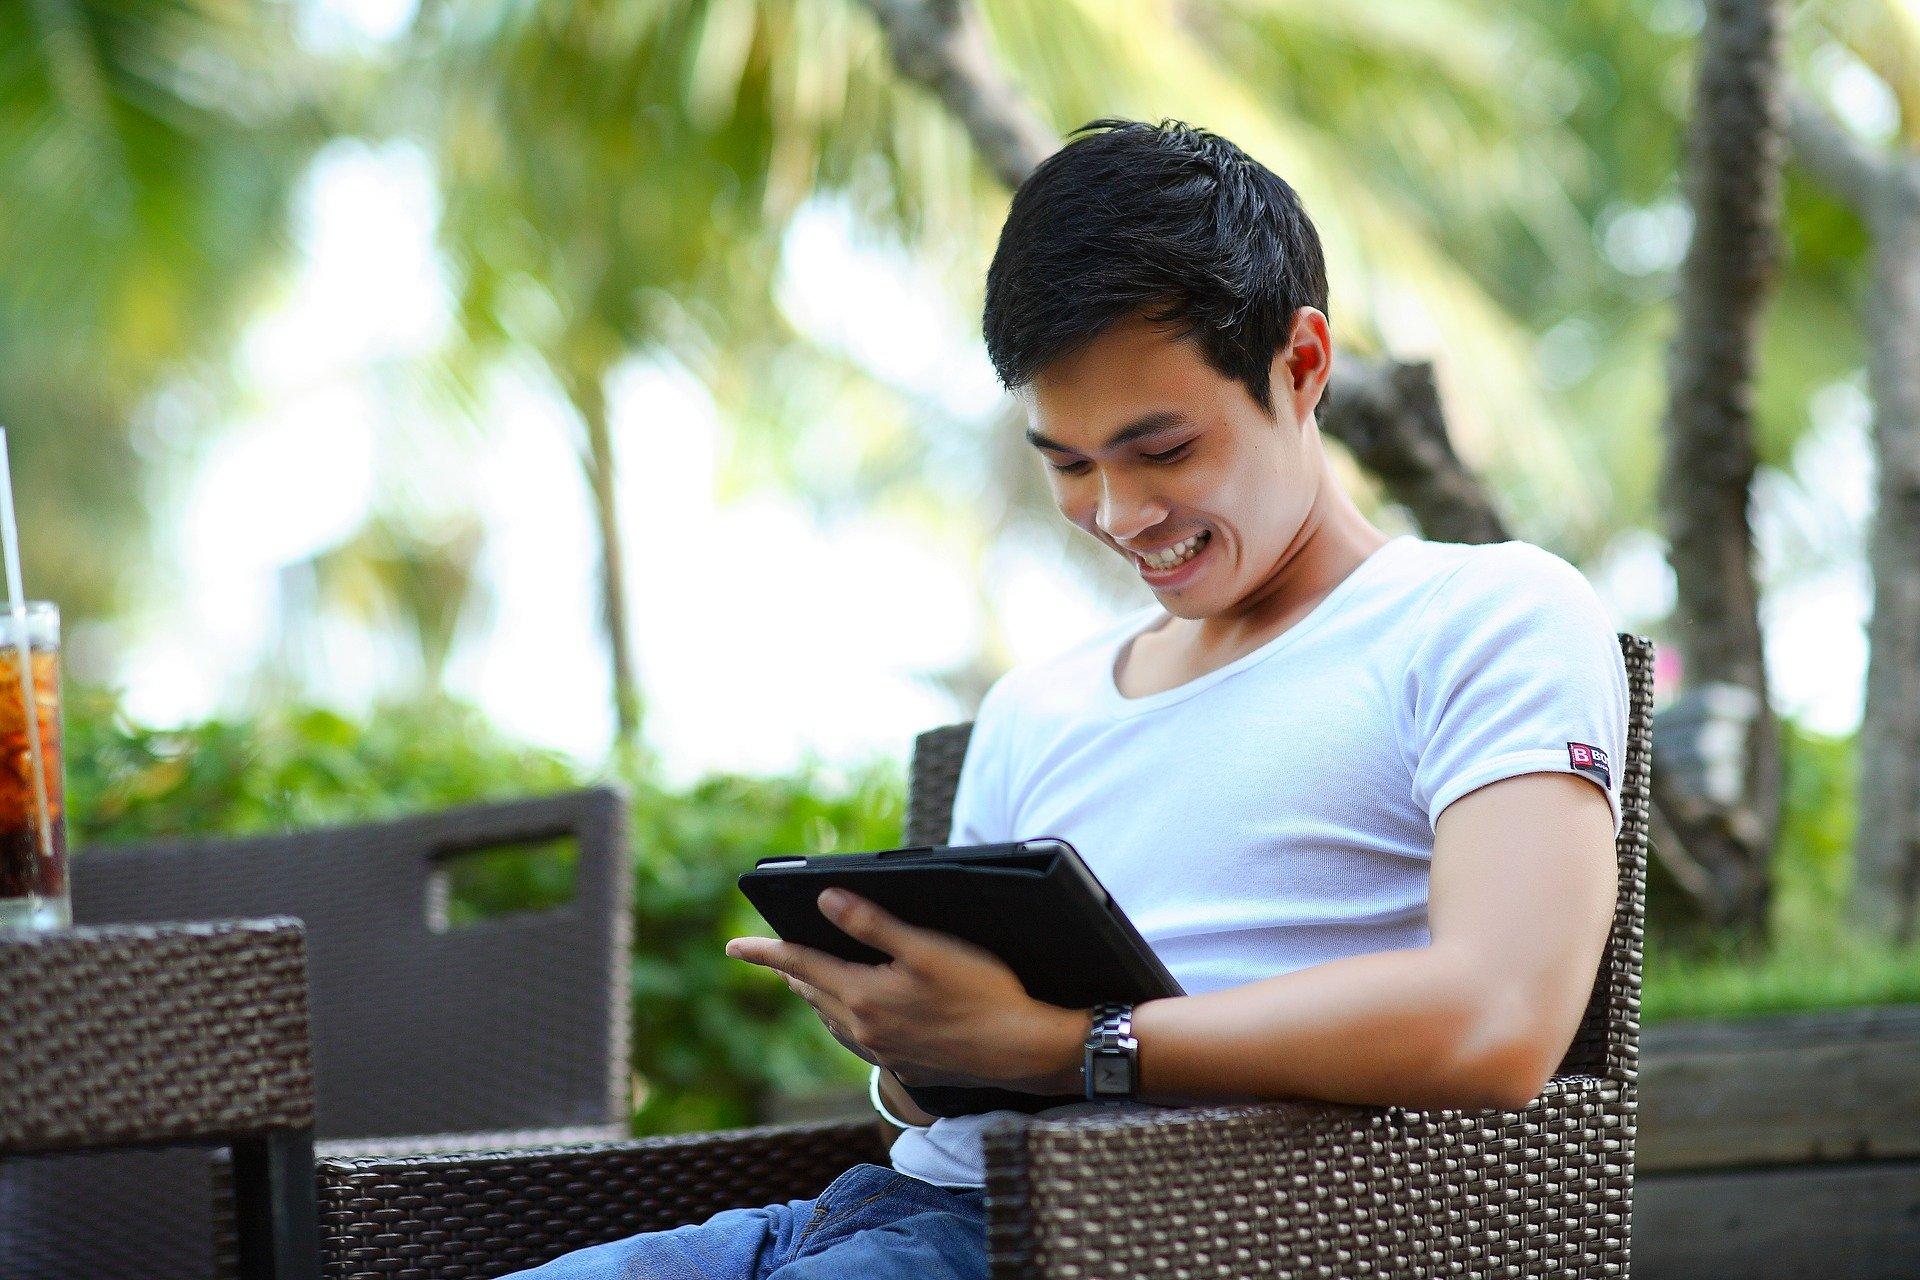 Forfaits mobile5G: quels critères prendre en compte avant de choisir?